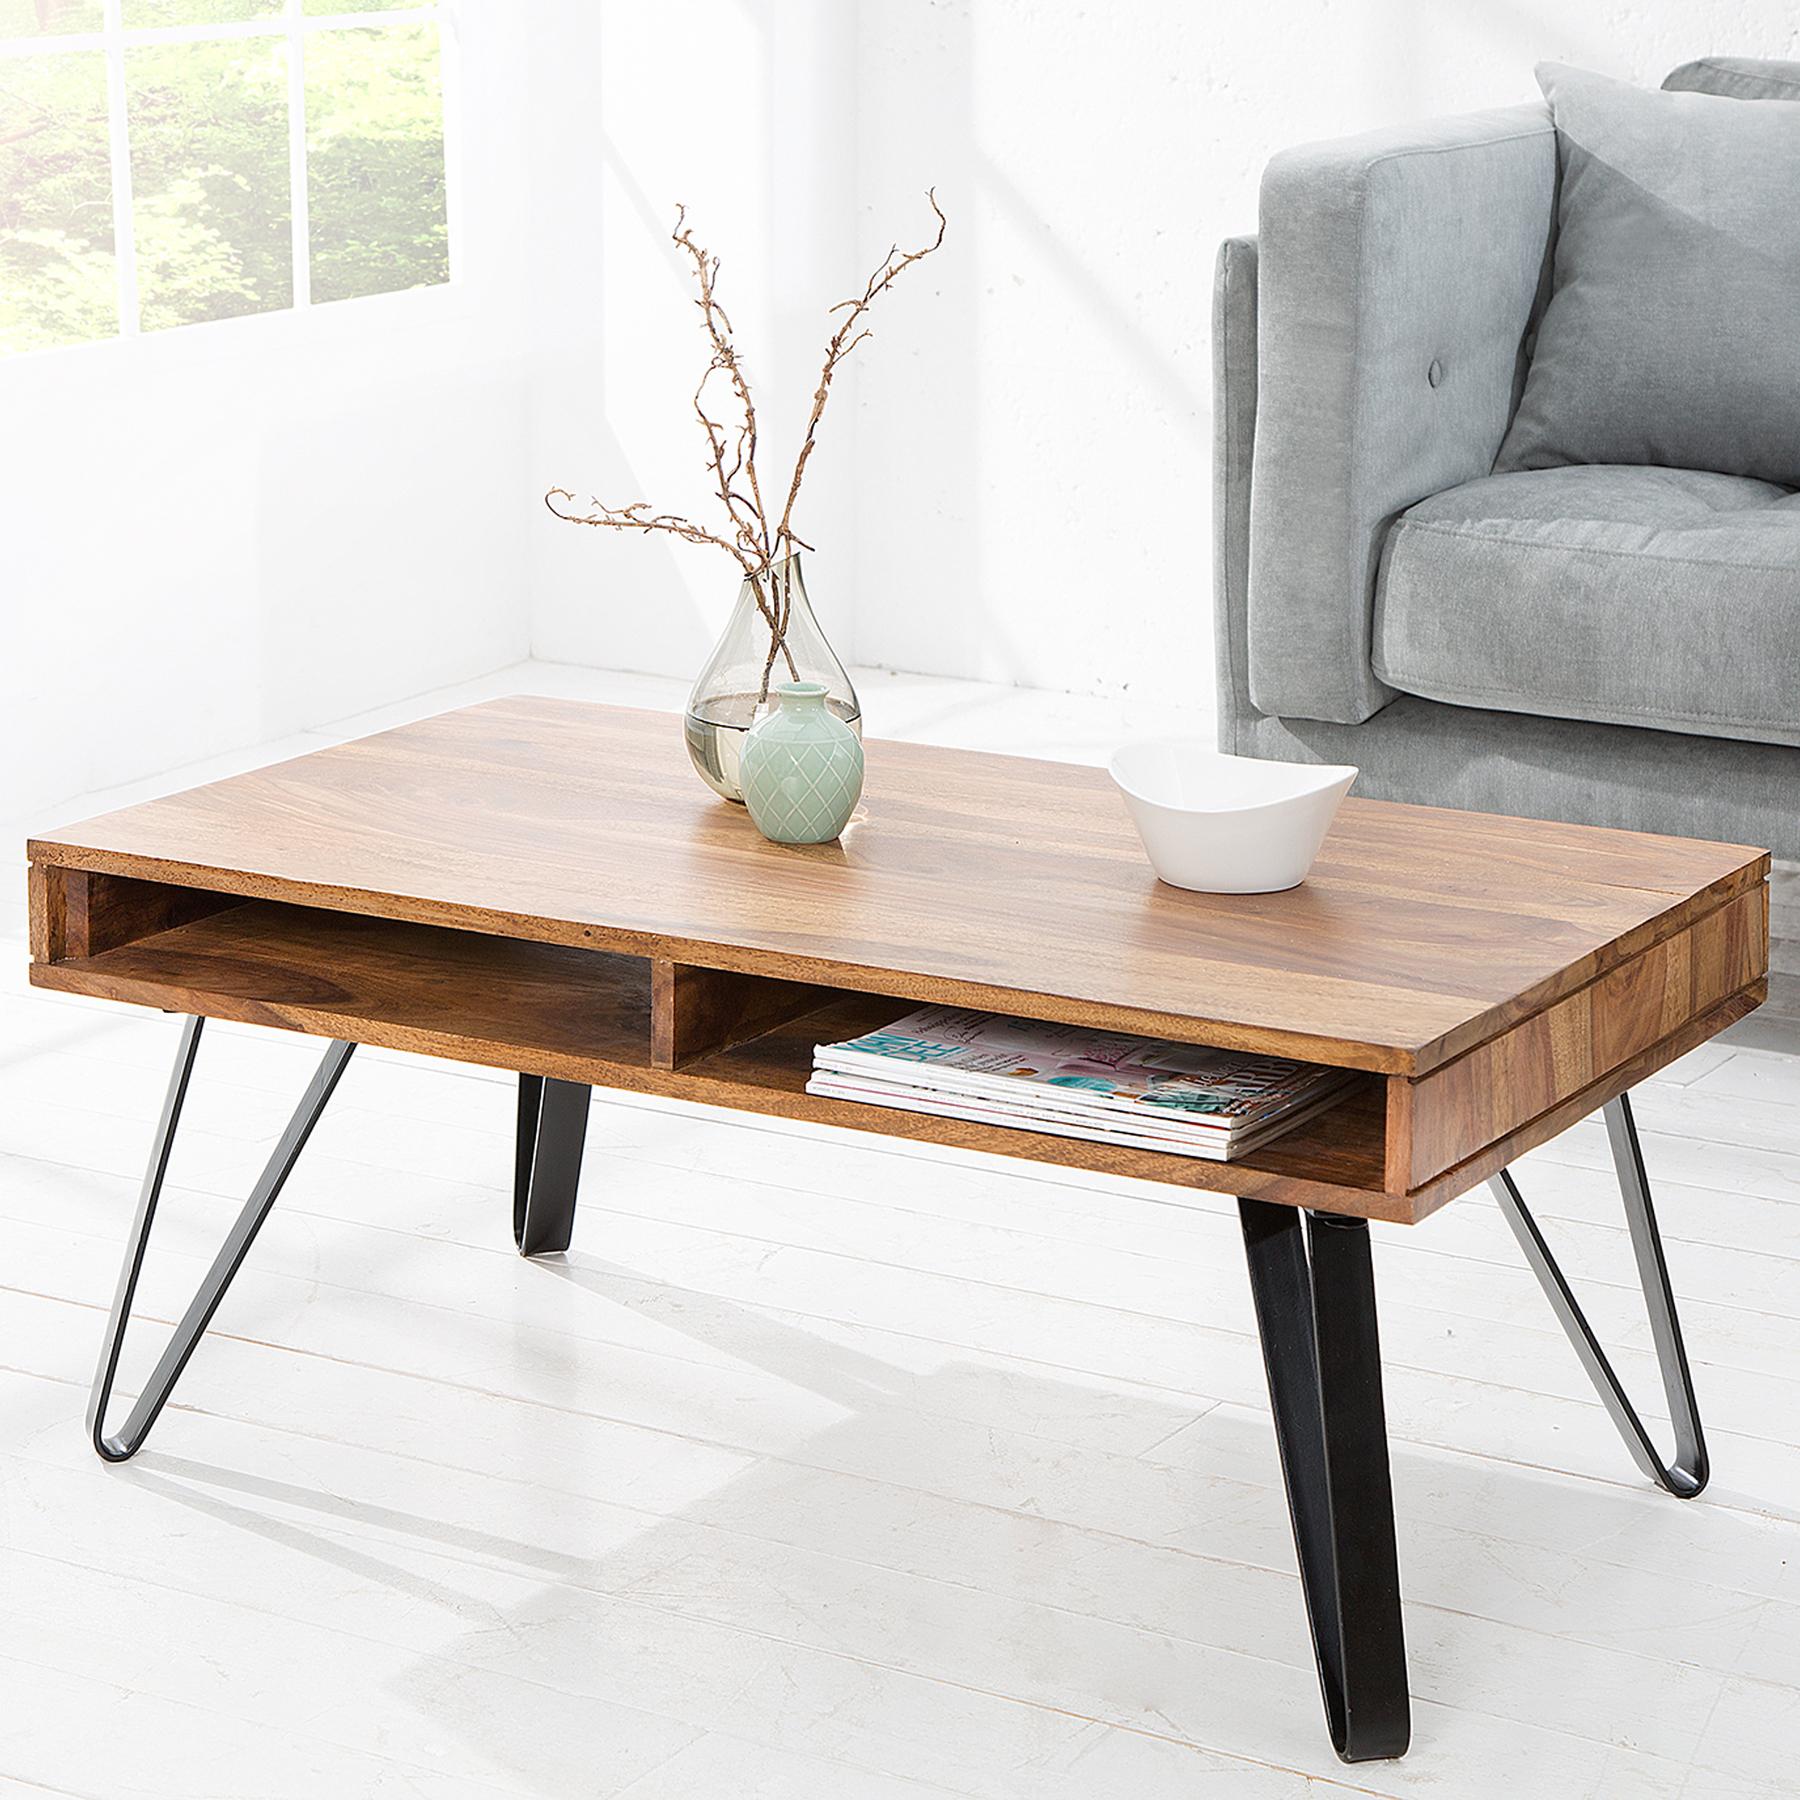 couchtisch retro sheesham 100cm metallbeine stone finish ebay. Black Bedroom Furniture Sets. Home Design Ideas